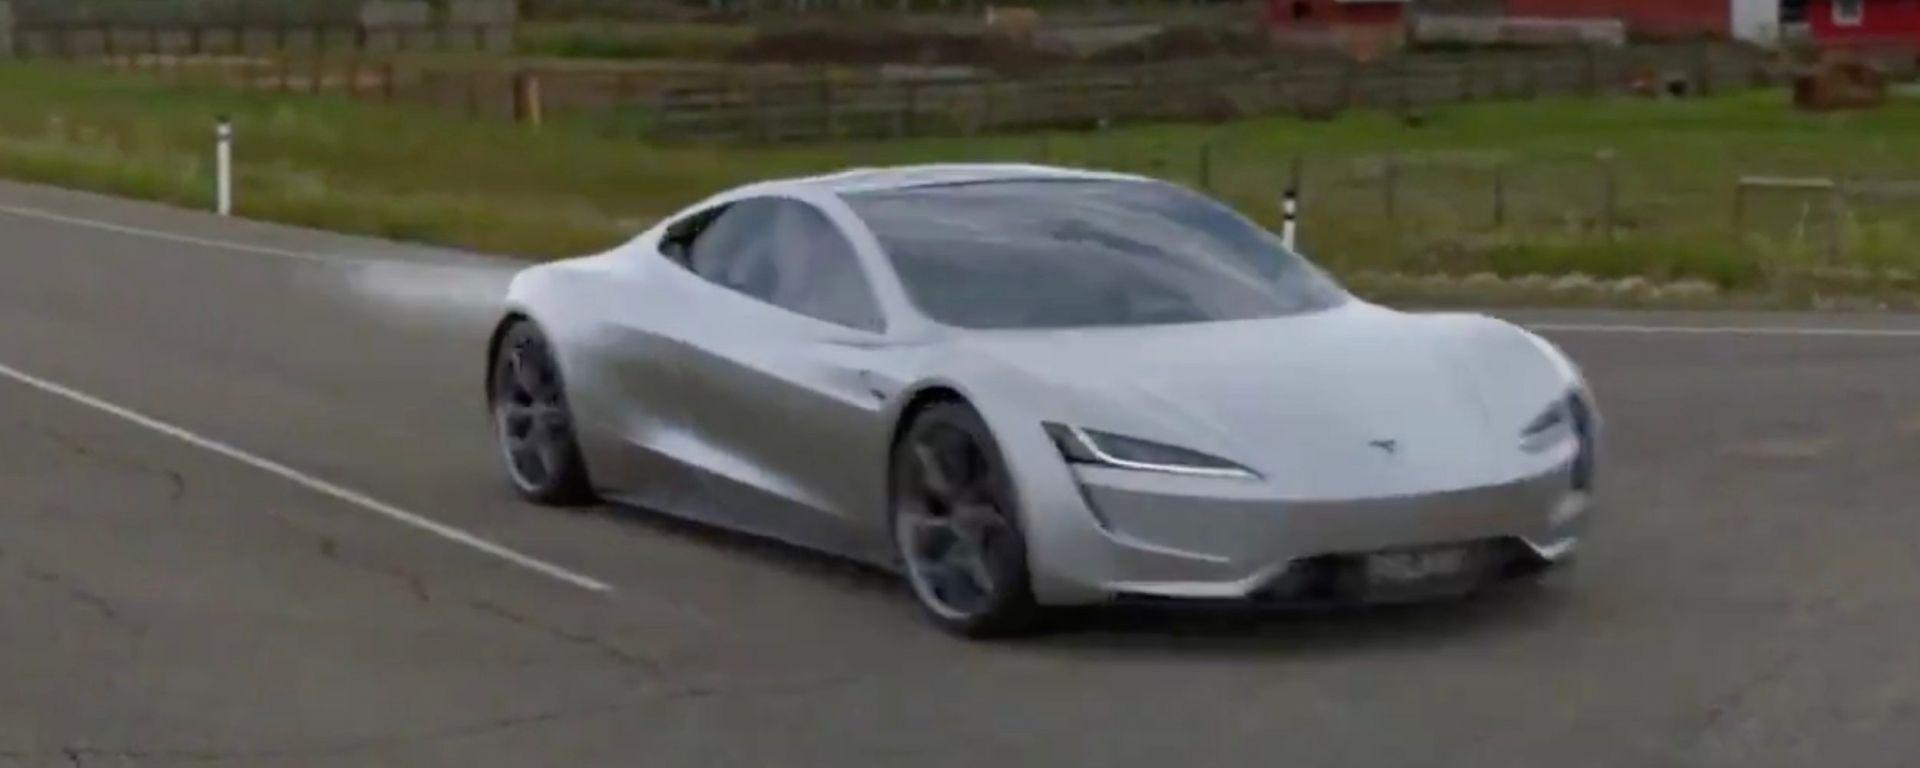 Tesla Roadster SpaceX veloce come un razzo: il video rendering